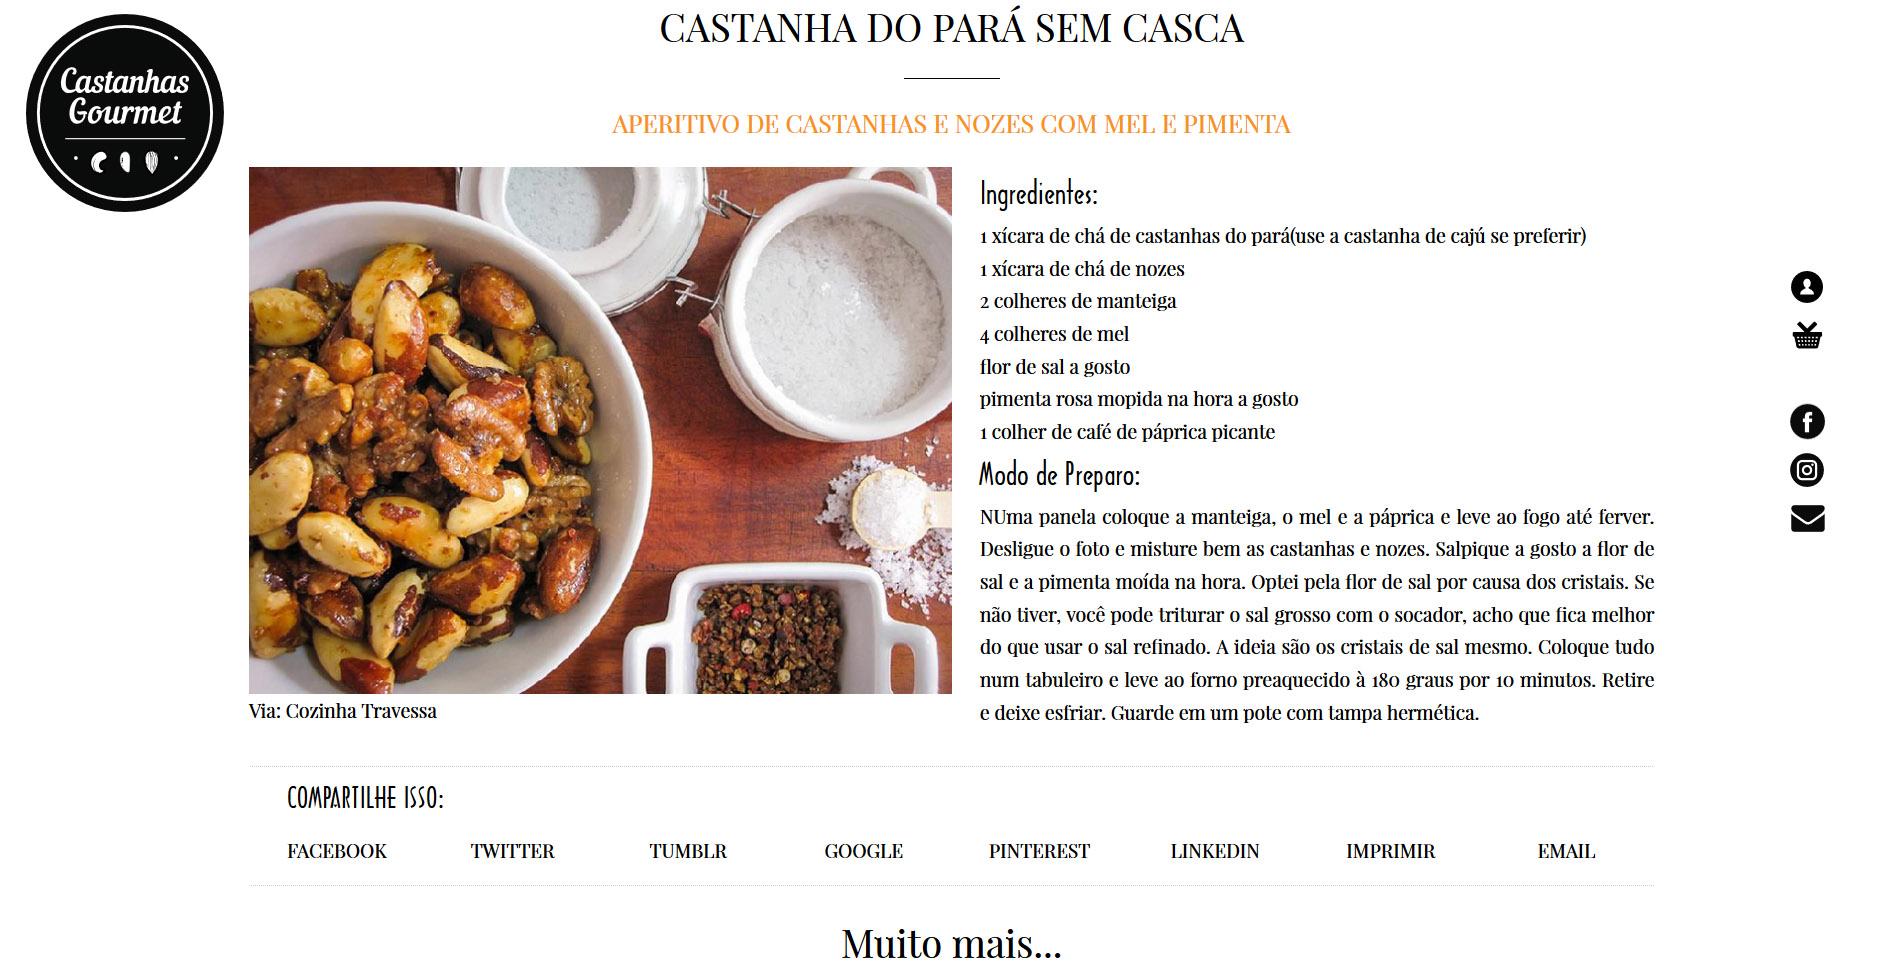 Castanhas Gourmet